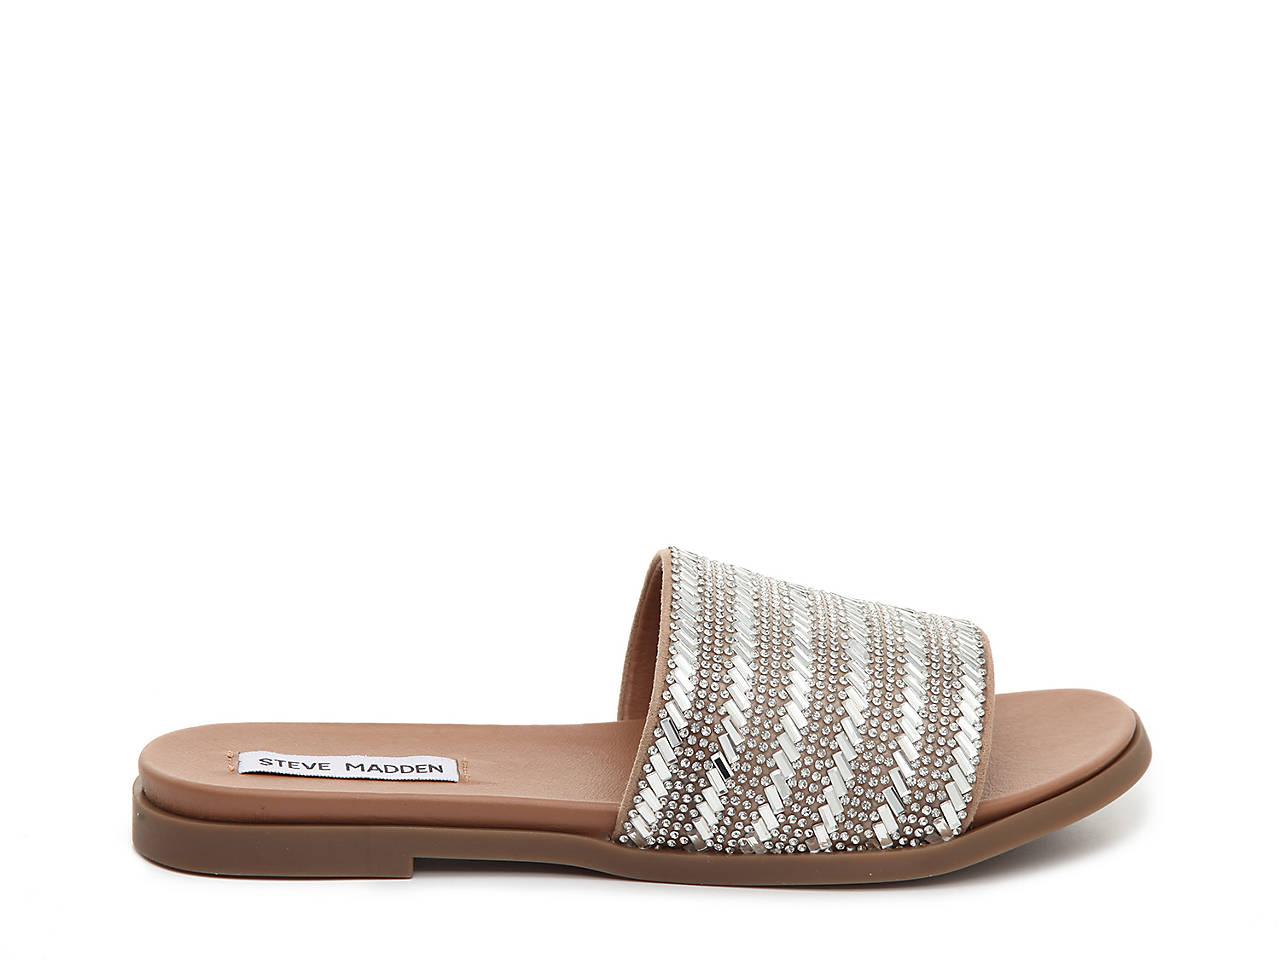 4a0c020562b Steve Madden Karot Sandal Men s Shoes